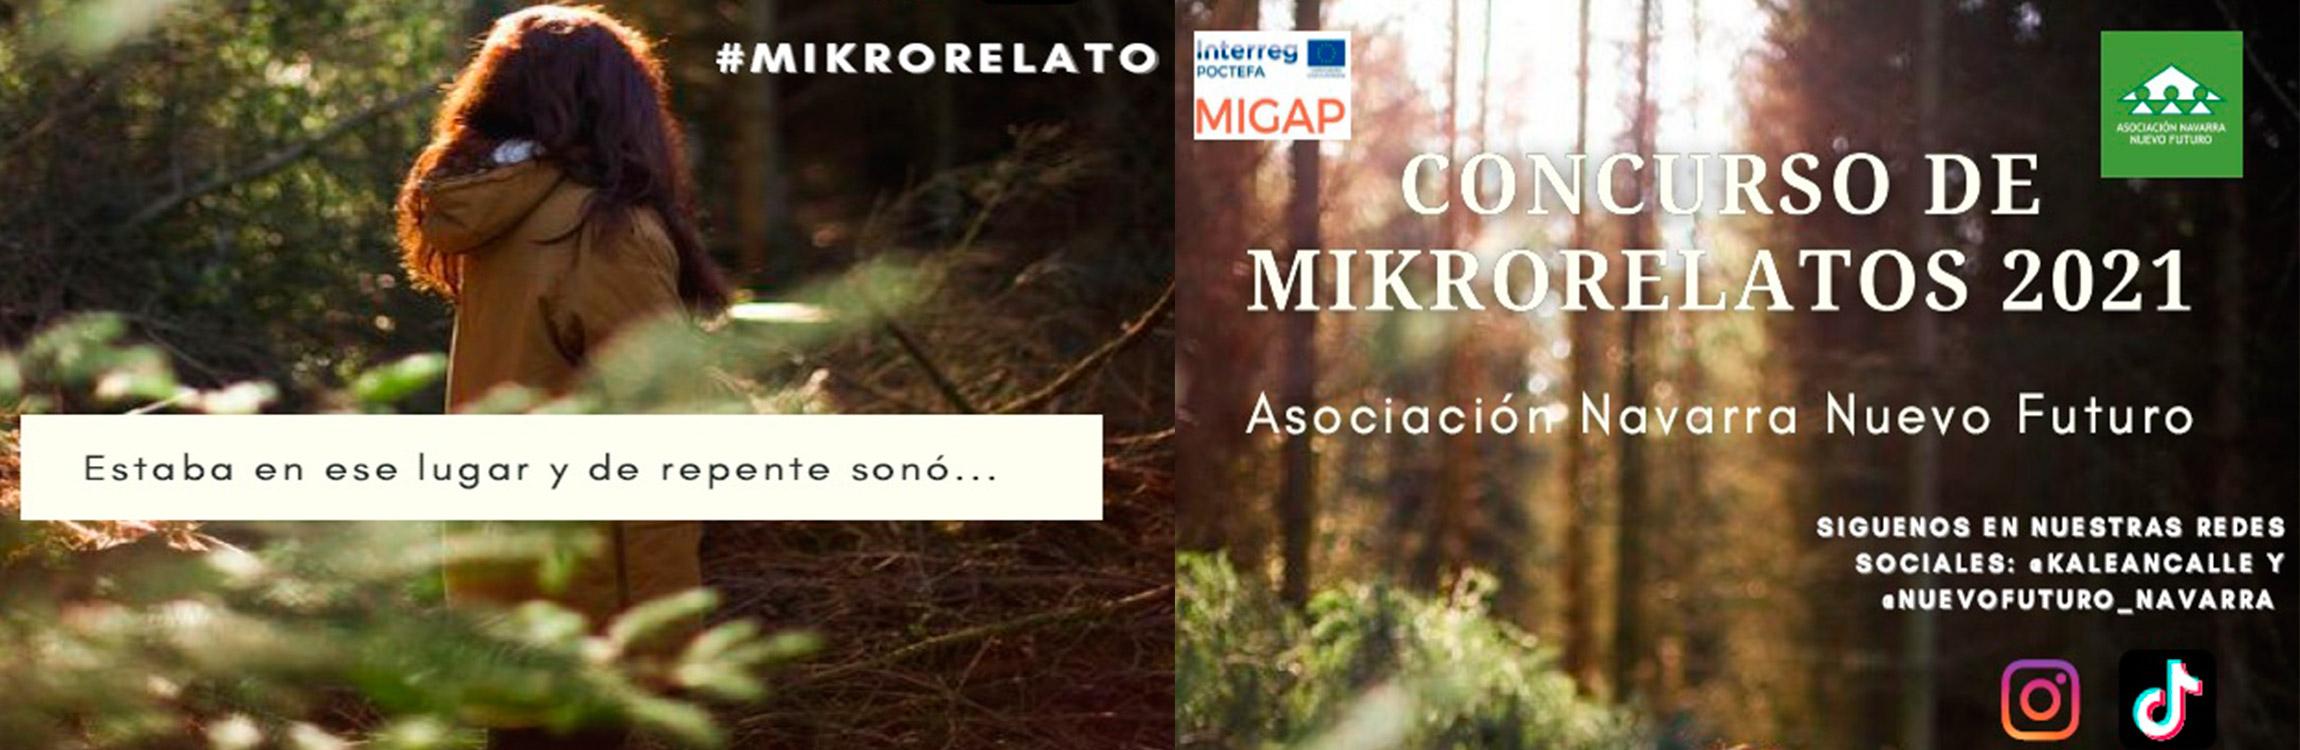 Imagen de la noticia Mikrorelatos